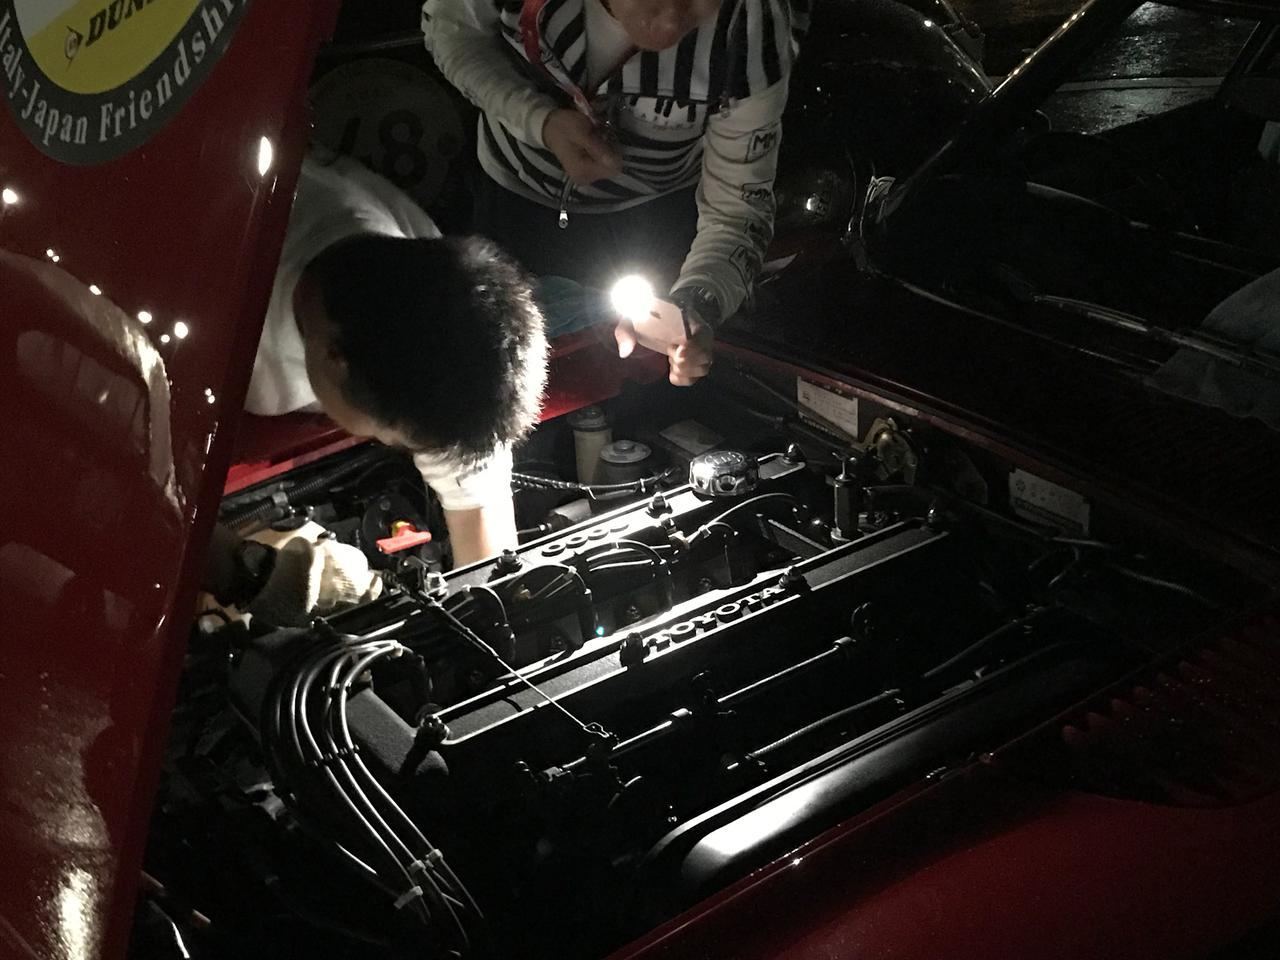 画像: トヨタ2000GTのエンジンは愛でるだけのお飾りでは無論ない。調整で万全を期し美しいエンジンは翌朝も元気に目を覚ましていた。